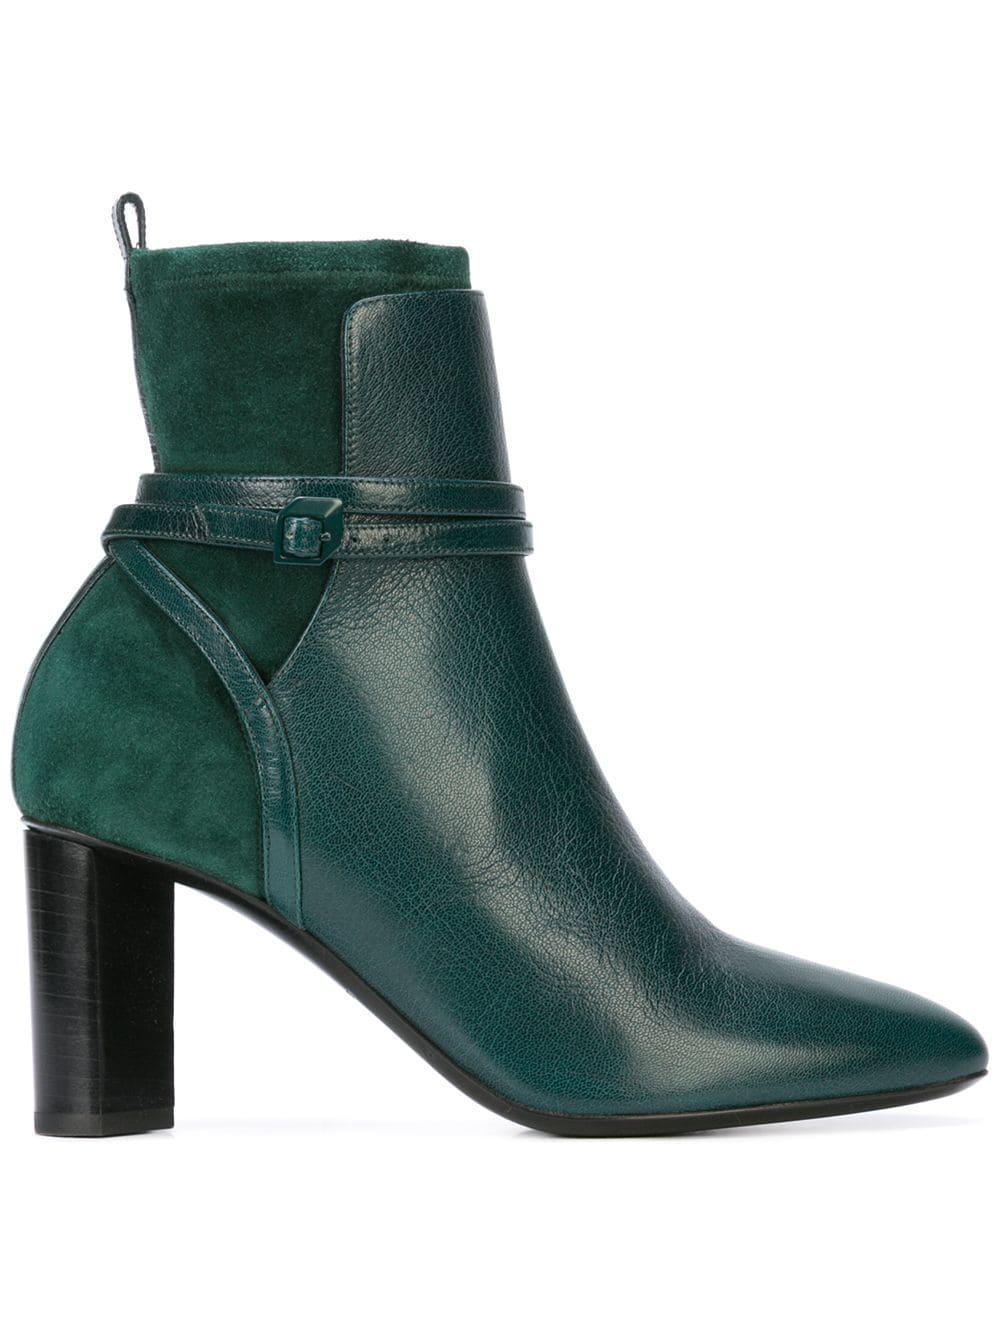 Pierre Hardy Gena Boots - Green